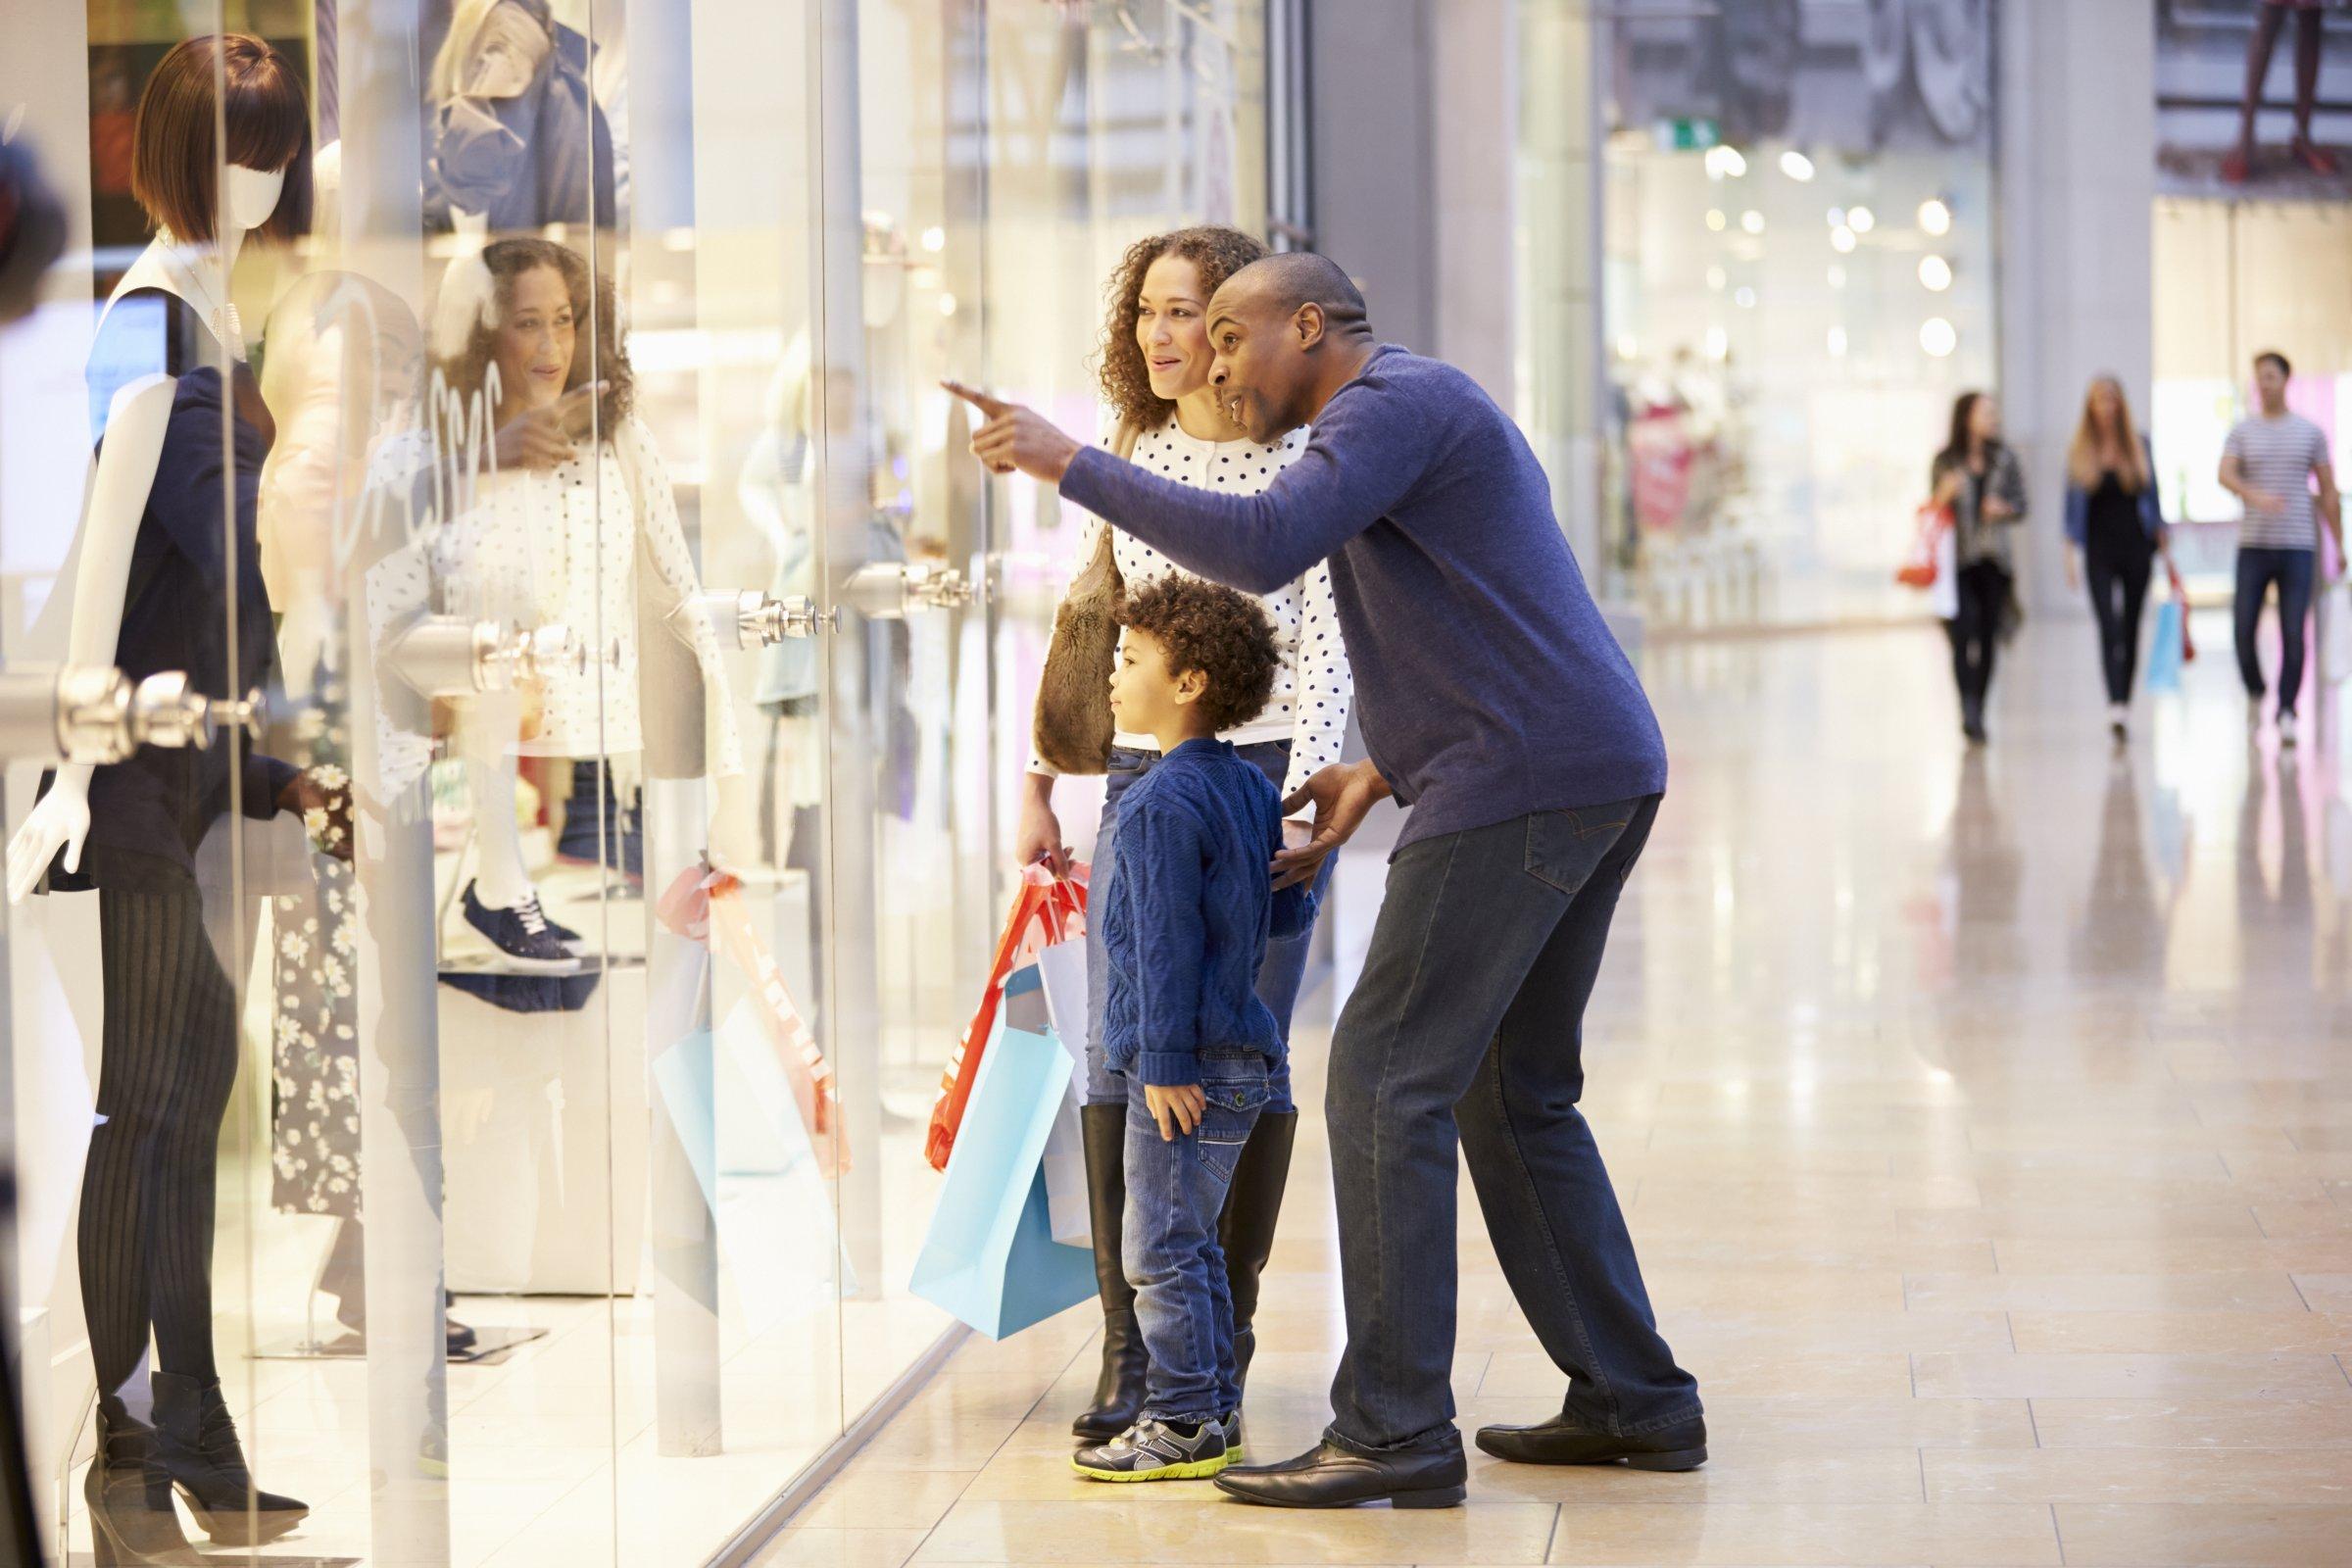 7431c05579a 53 procent af dansker vil fortsat hellere handle i fysiske butikker, hvor  man kan prøve varen, inden man køber den, fremfor online.